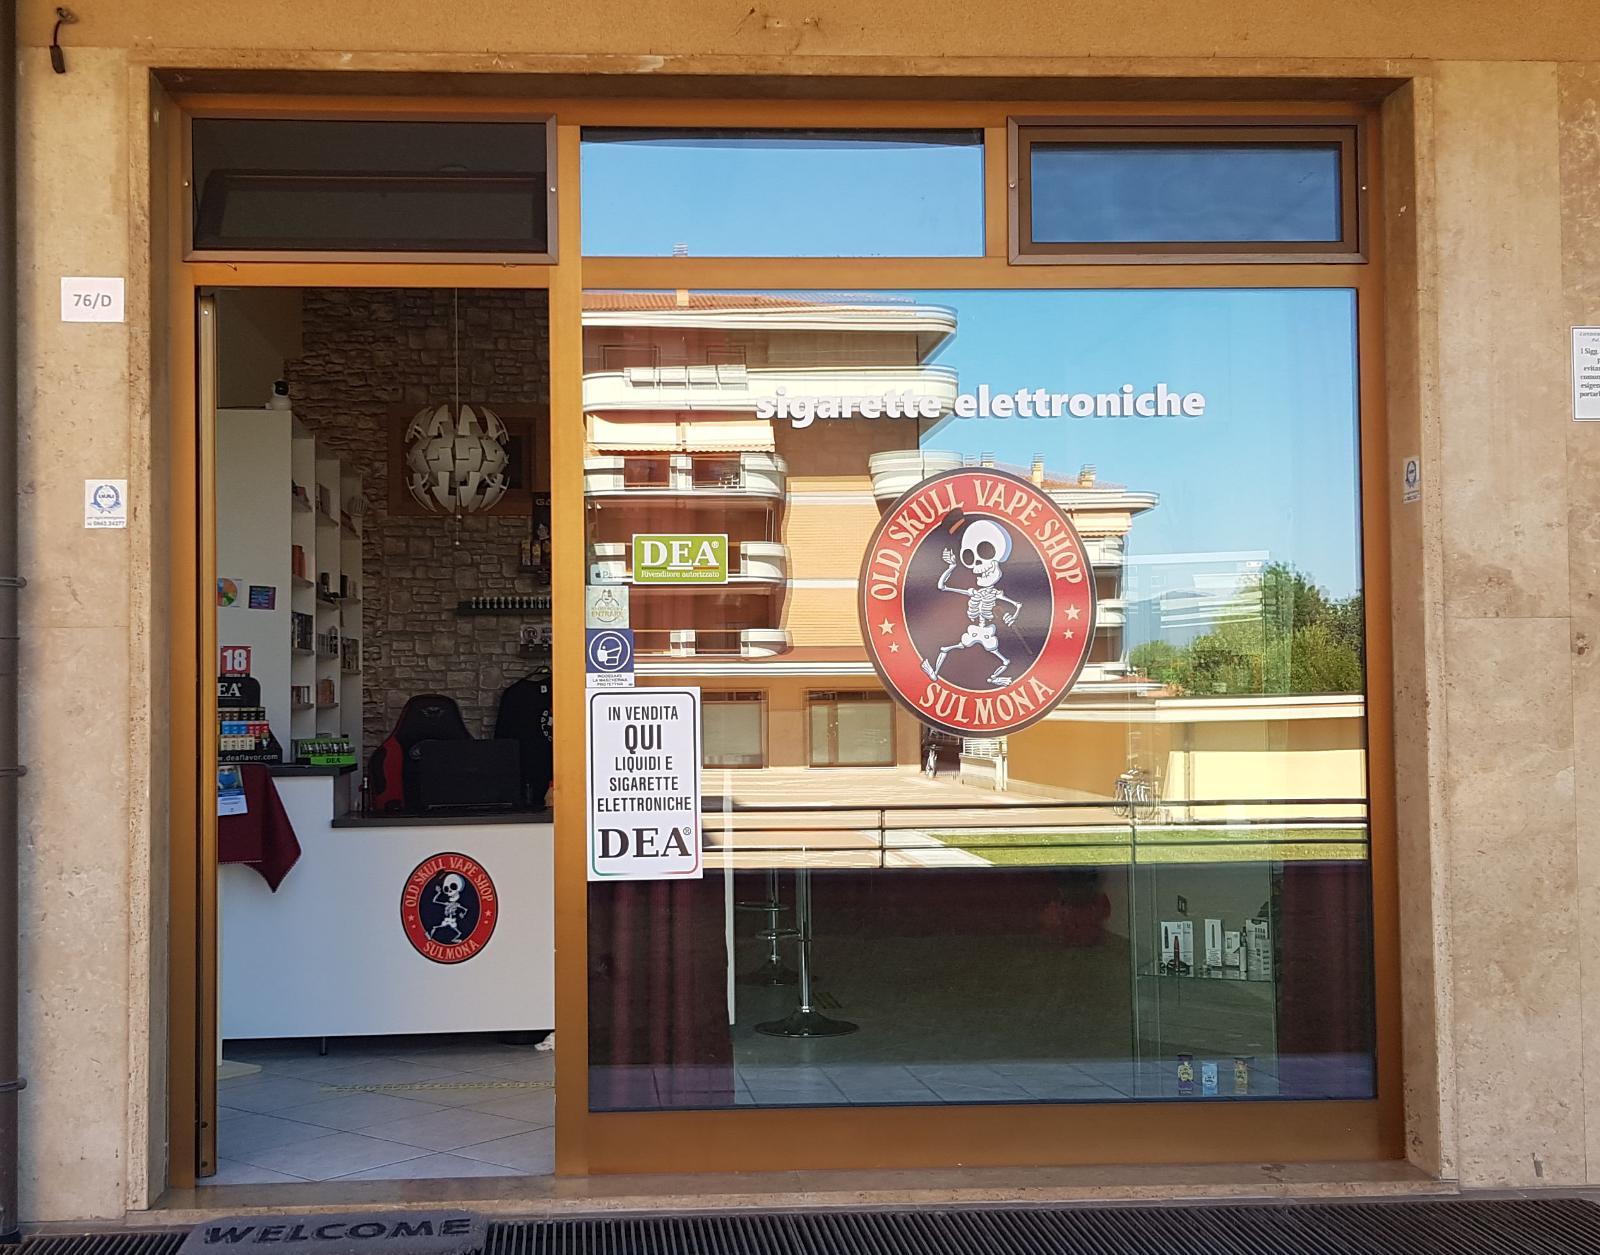 Negozio Sigarette Elettroniche Sulmona negozio sigarette elettroniche sulmona Negozio Sigarette Elettroniche Sulmona Old Skull Vape Shop Interno negozio sigarette elettroniche